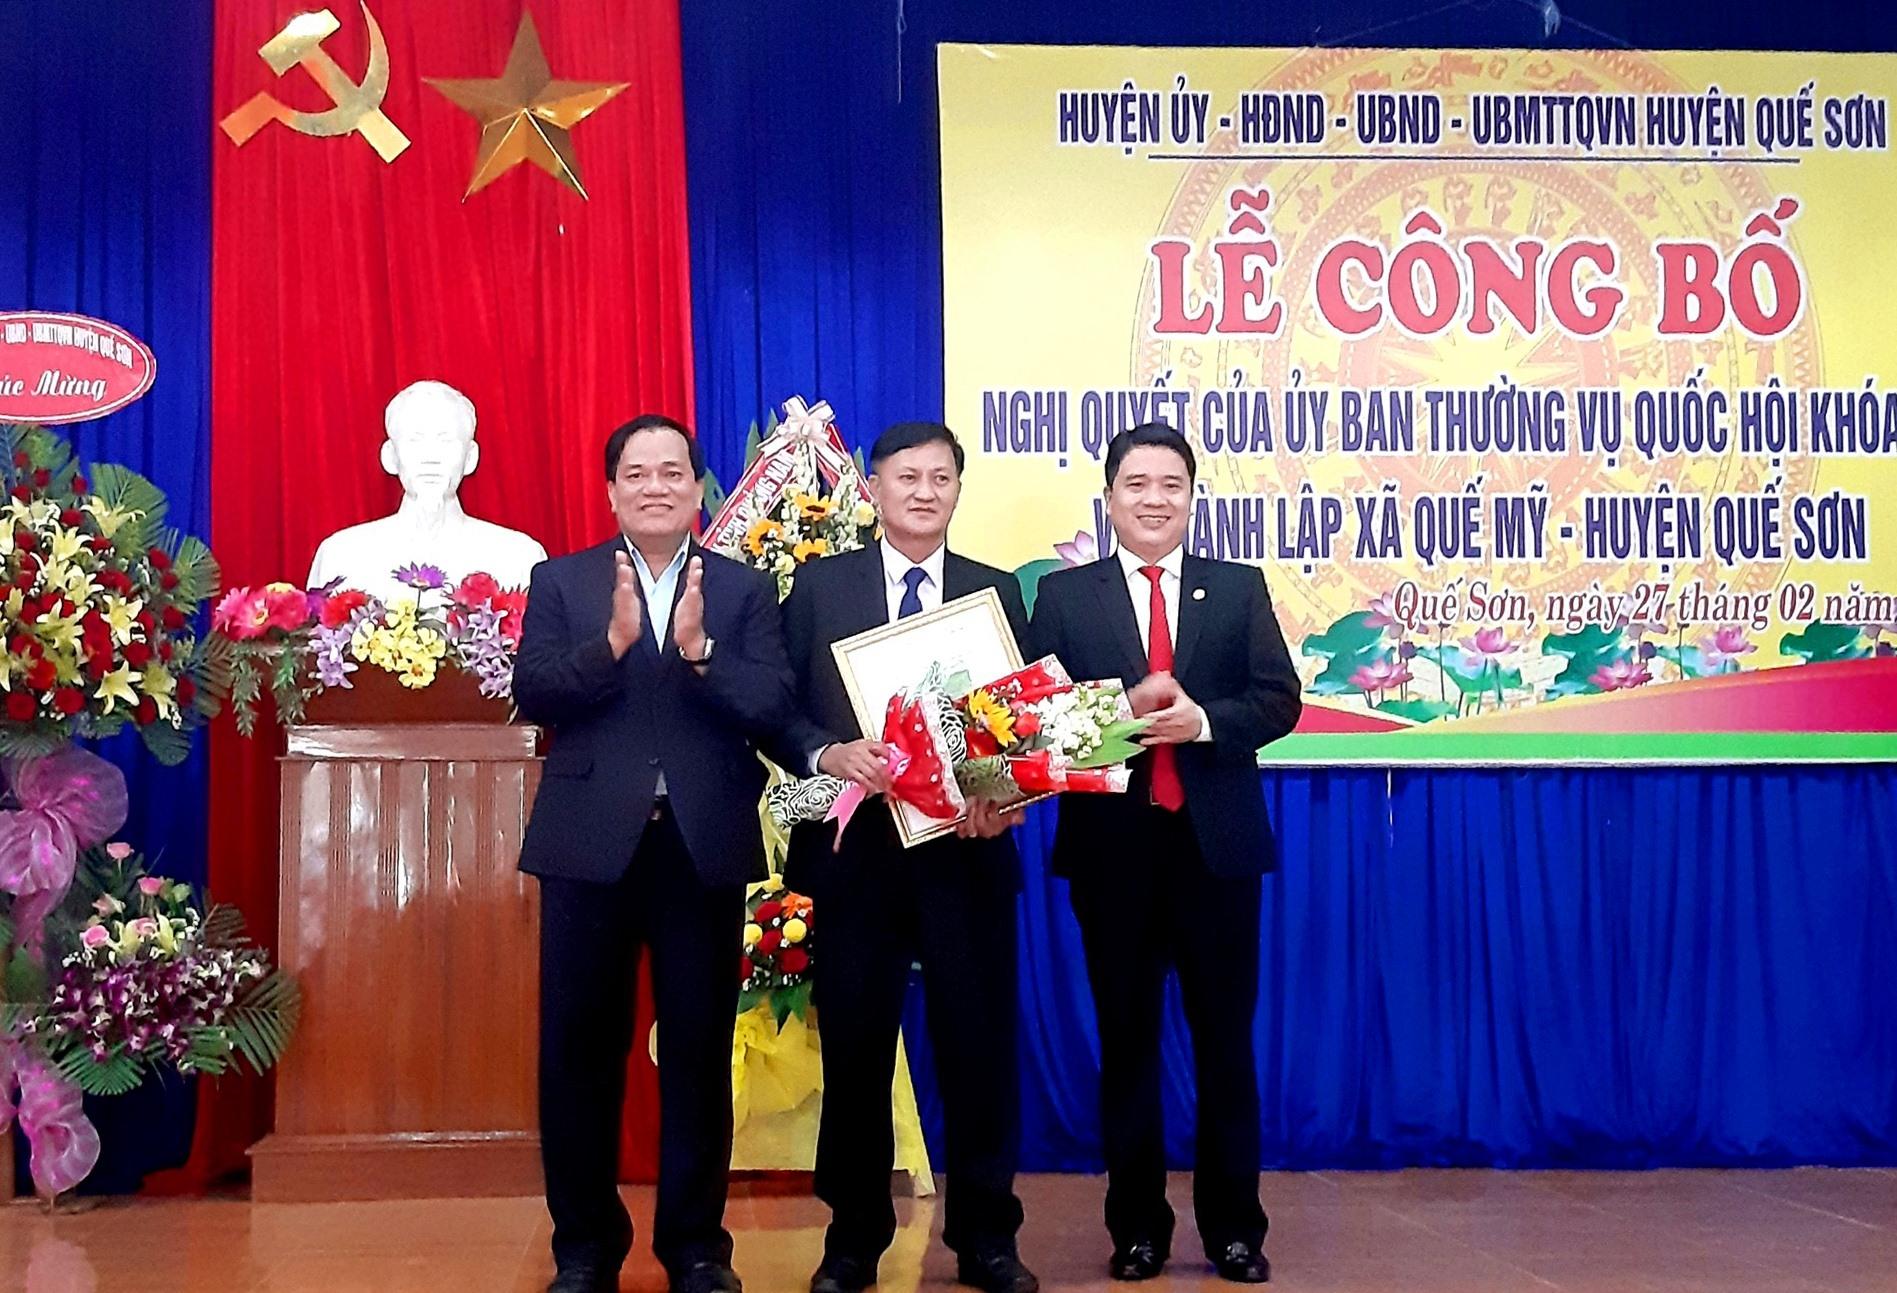 Phó Chủ tịch UBND tỉnh Trần Văn Tân cùng ông Lê Tấn Trung - Bí thư Huyện ủy Quế Sơn trao Nghị quyết thành lập xã Quế Mỹ và tặng hoa chúc mừng lãnh đạo địa phương. Ảnh: VĂN SỰ